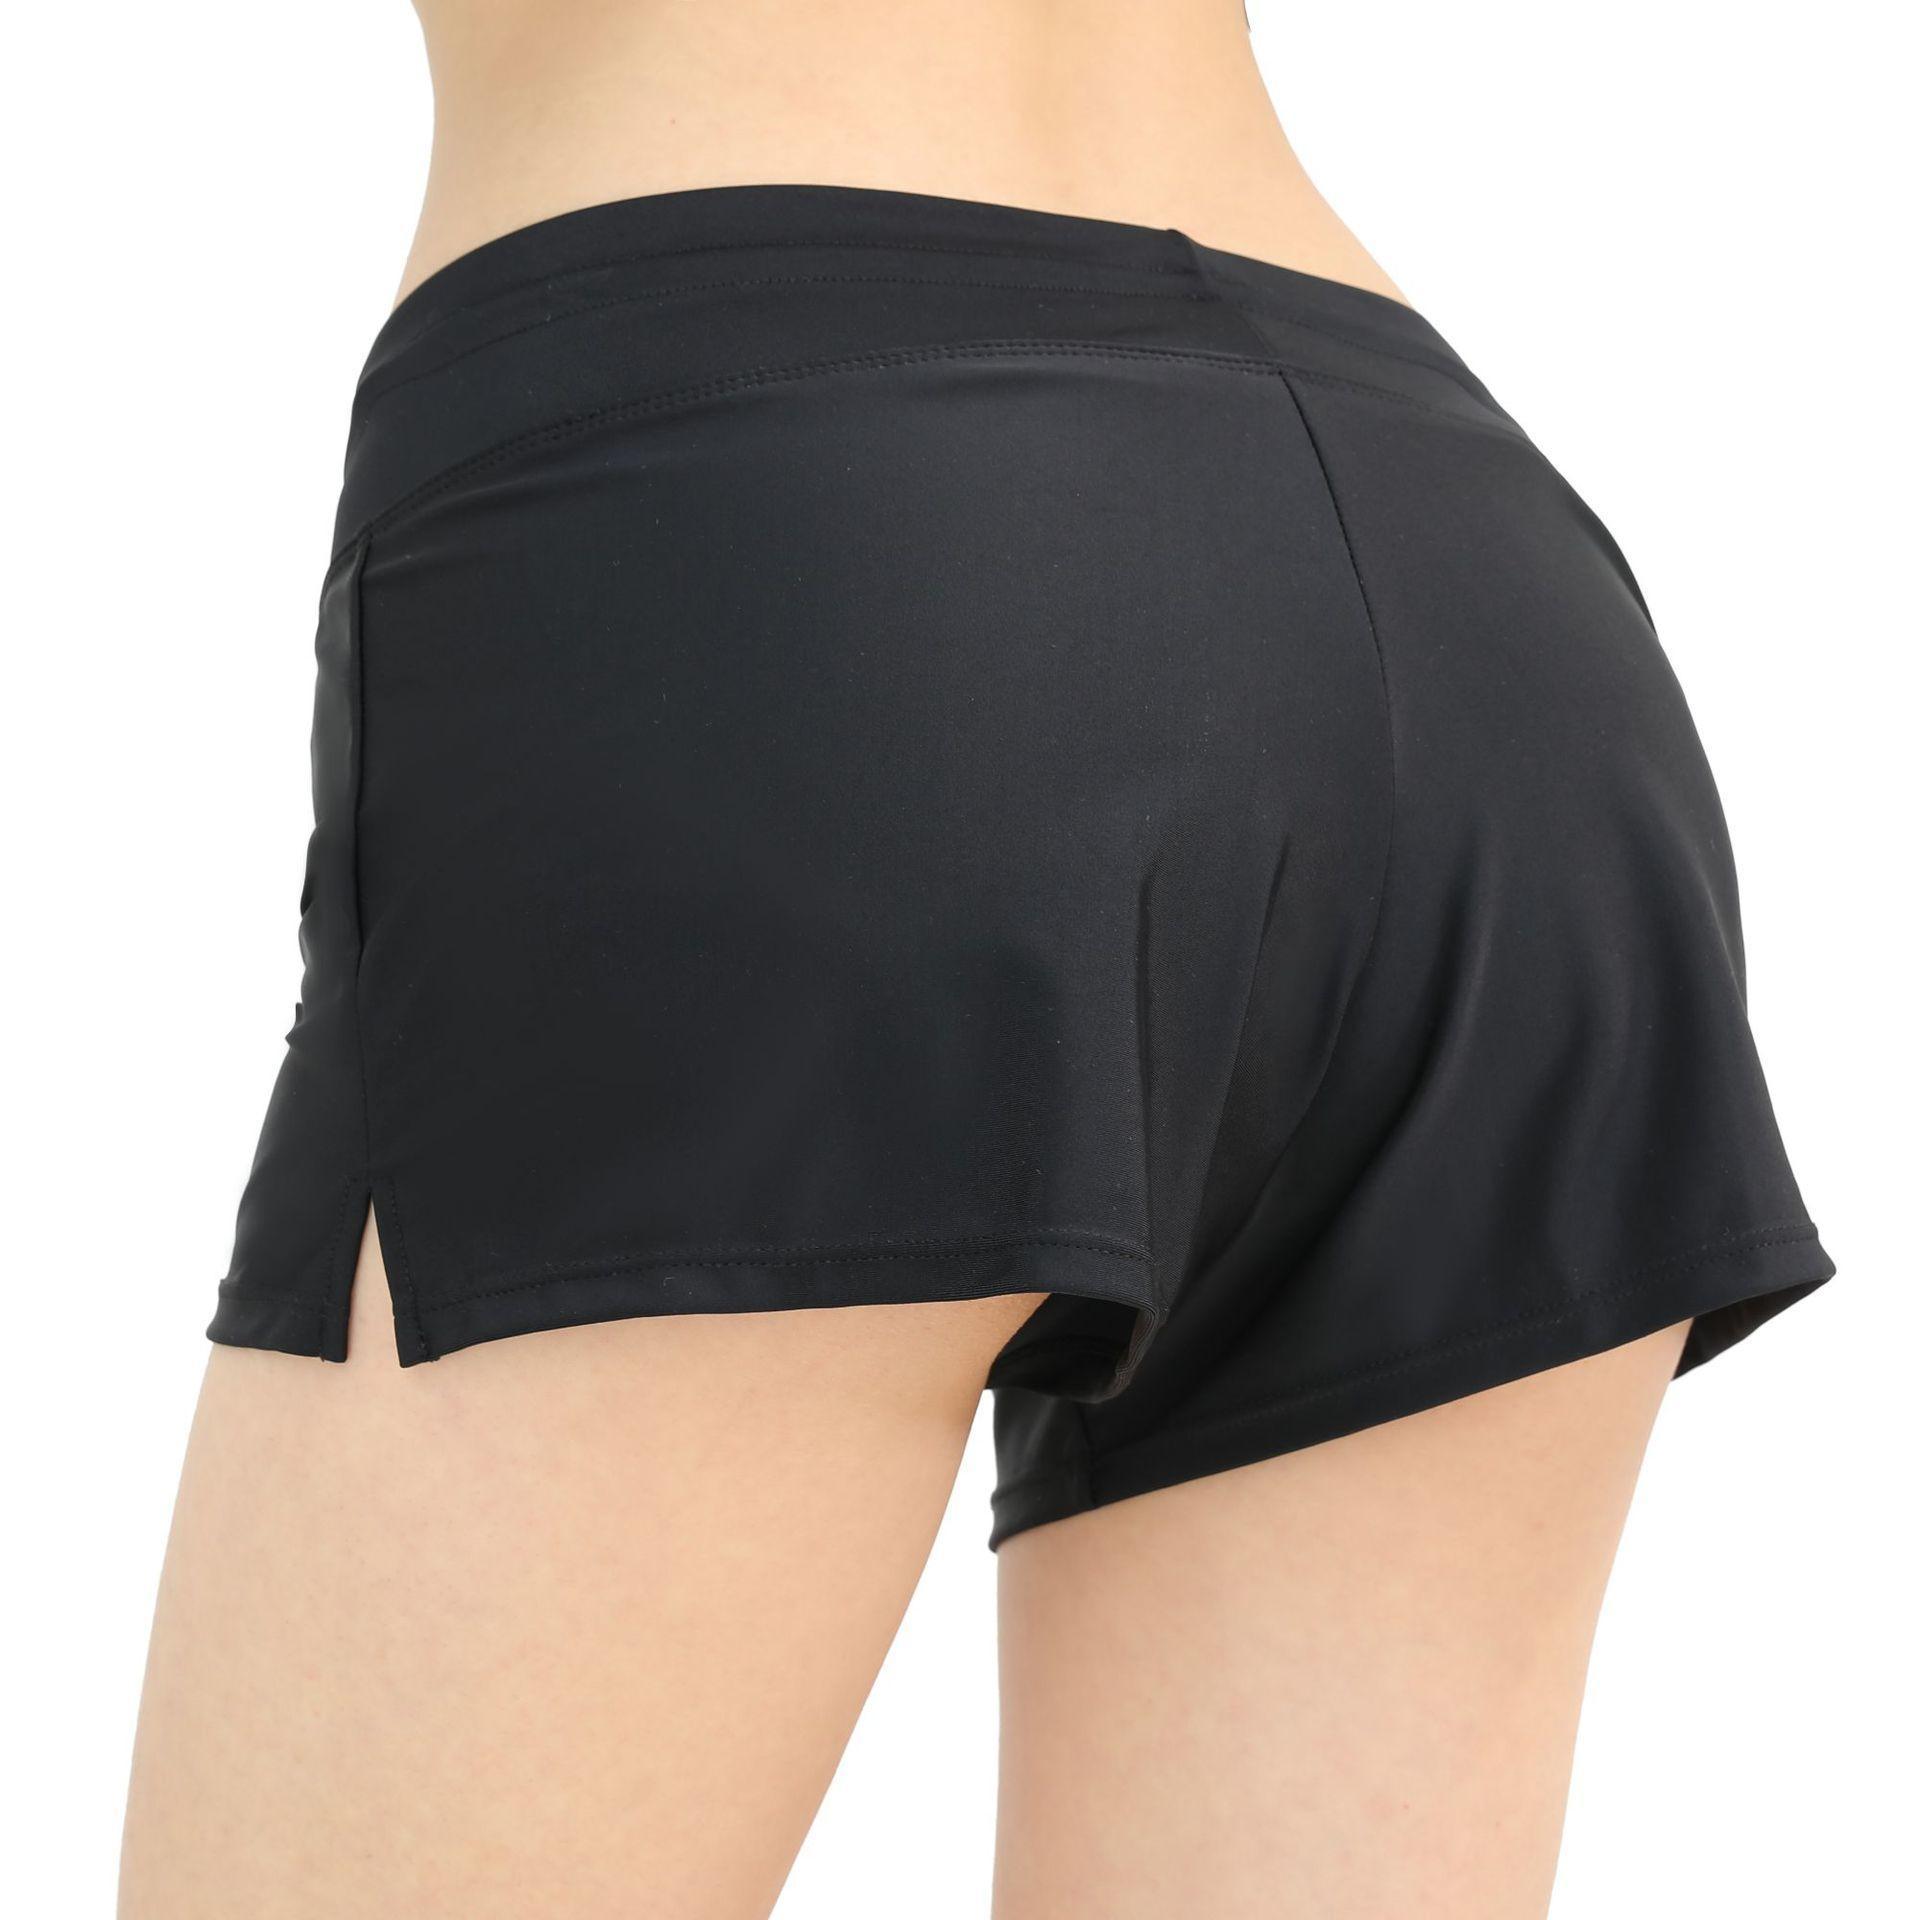 Pantalones 2021 NUEVO PROTECCIÓN DE ANGULO PLANO PROTECCIÓN DE SOL Y EN FORTENCIA Traje de baño de buceo